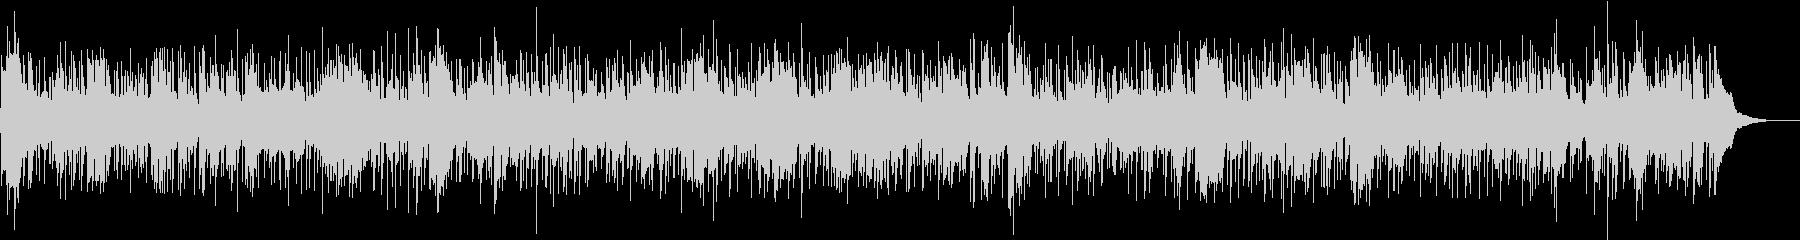 ハーモニカ中心の明るいフォークバンドの未再生の波形